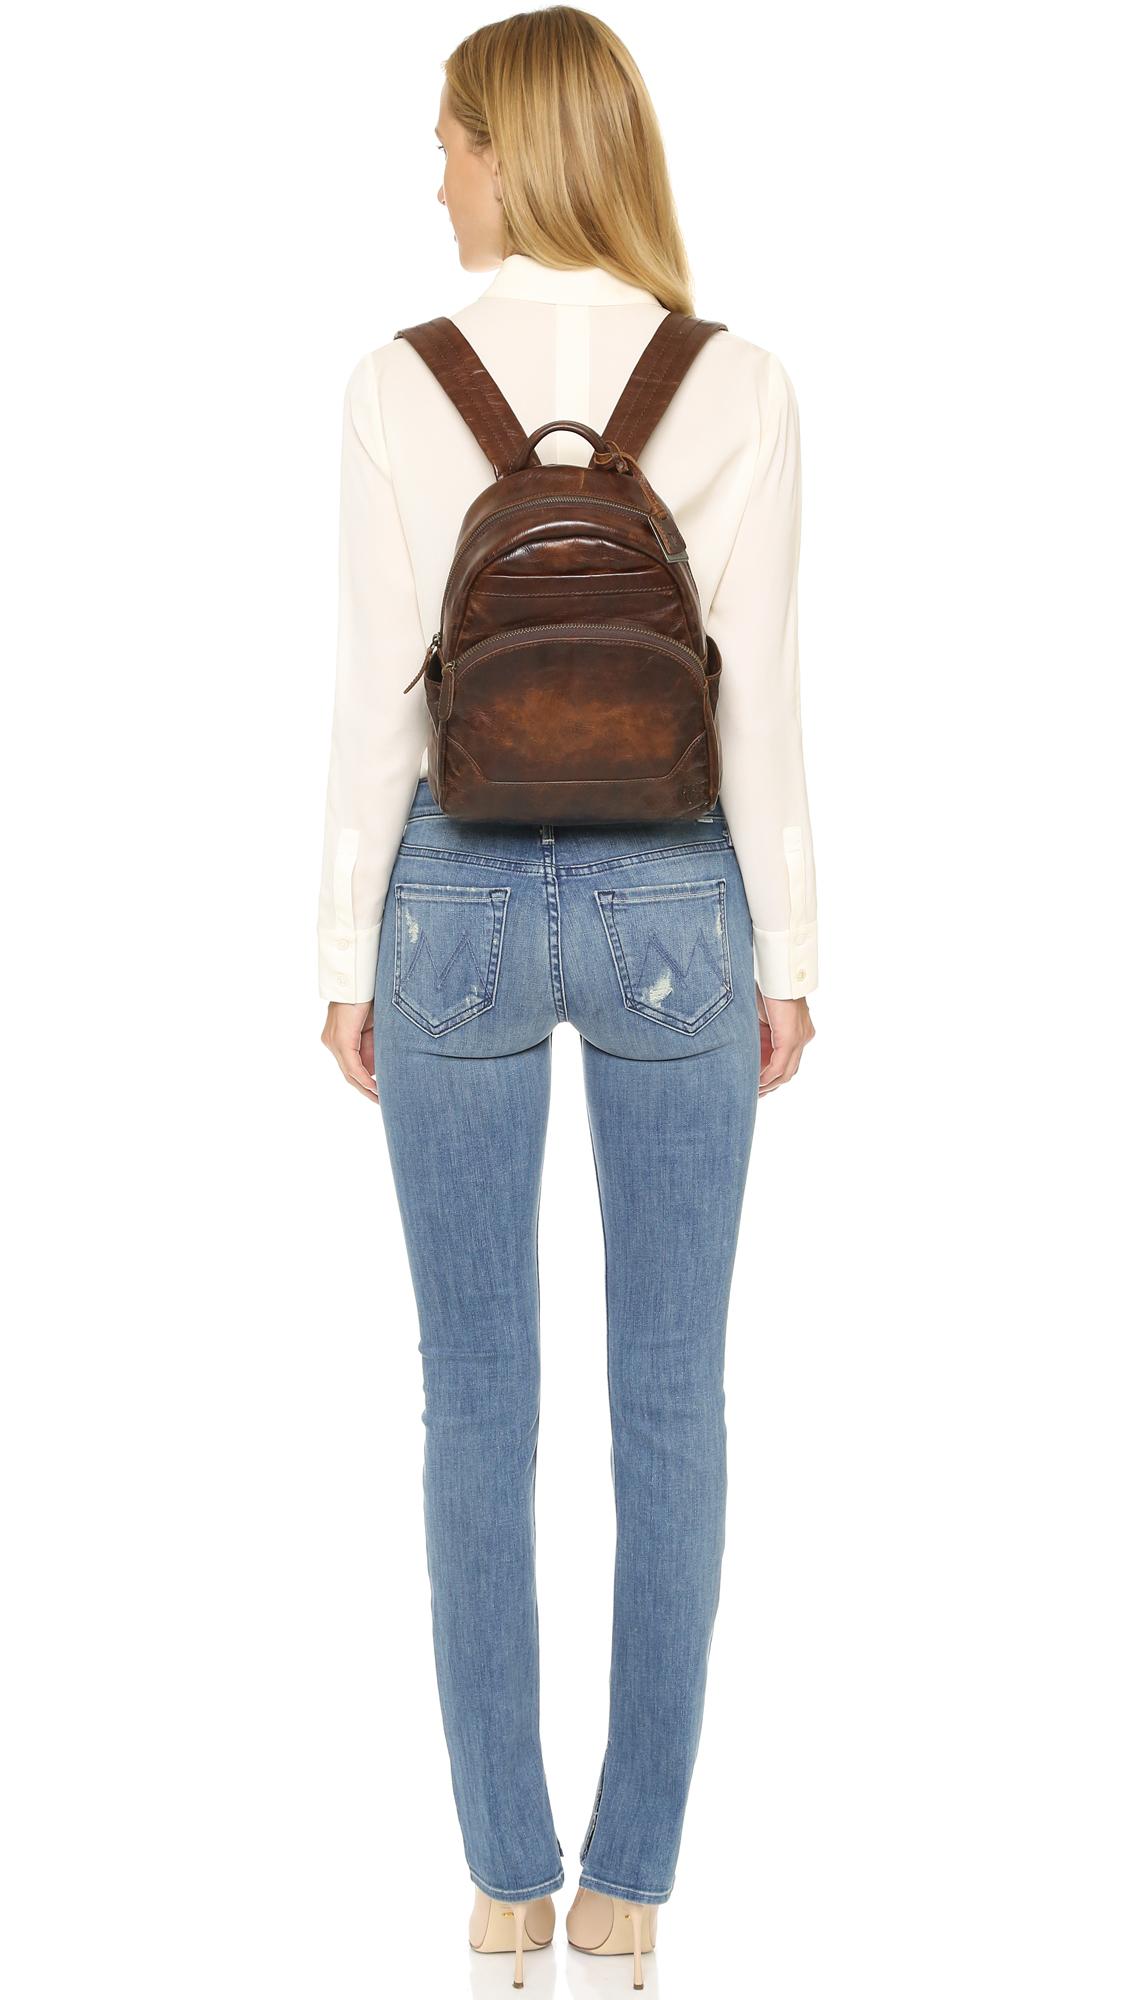 15bc227c4c Lyst - Frye Melissa Backpack - Dark Brown in Brown